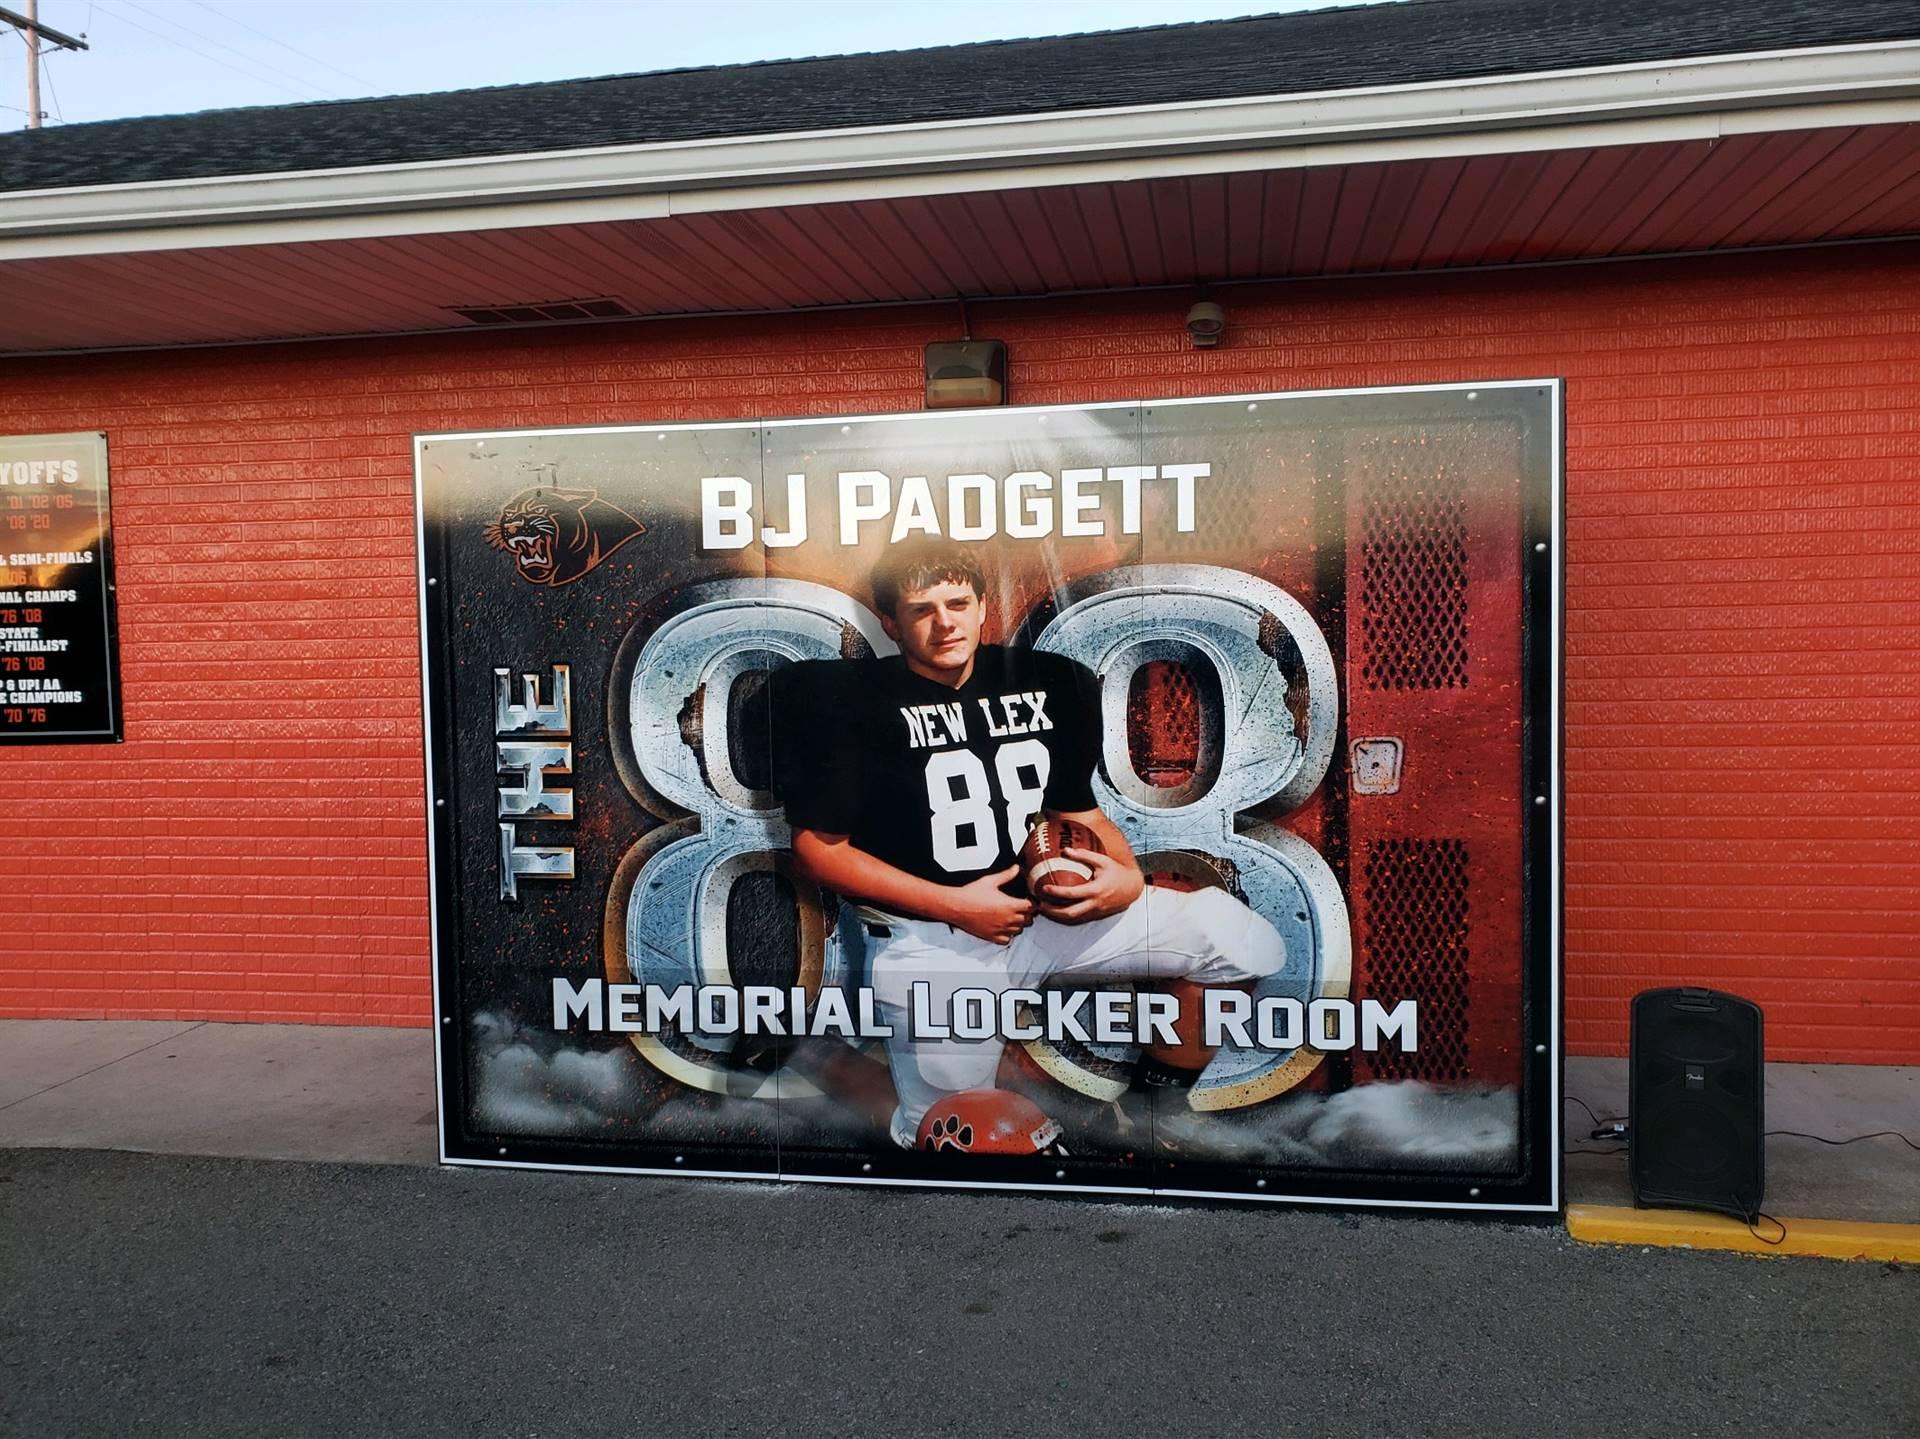 BJ Badgett Locker Room Dedication